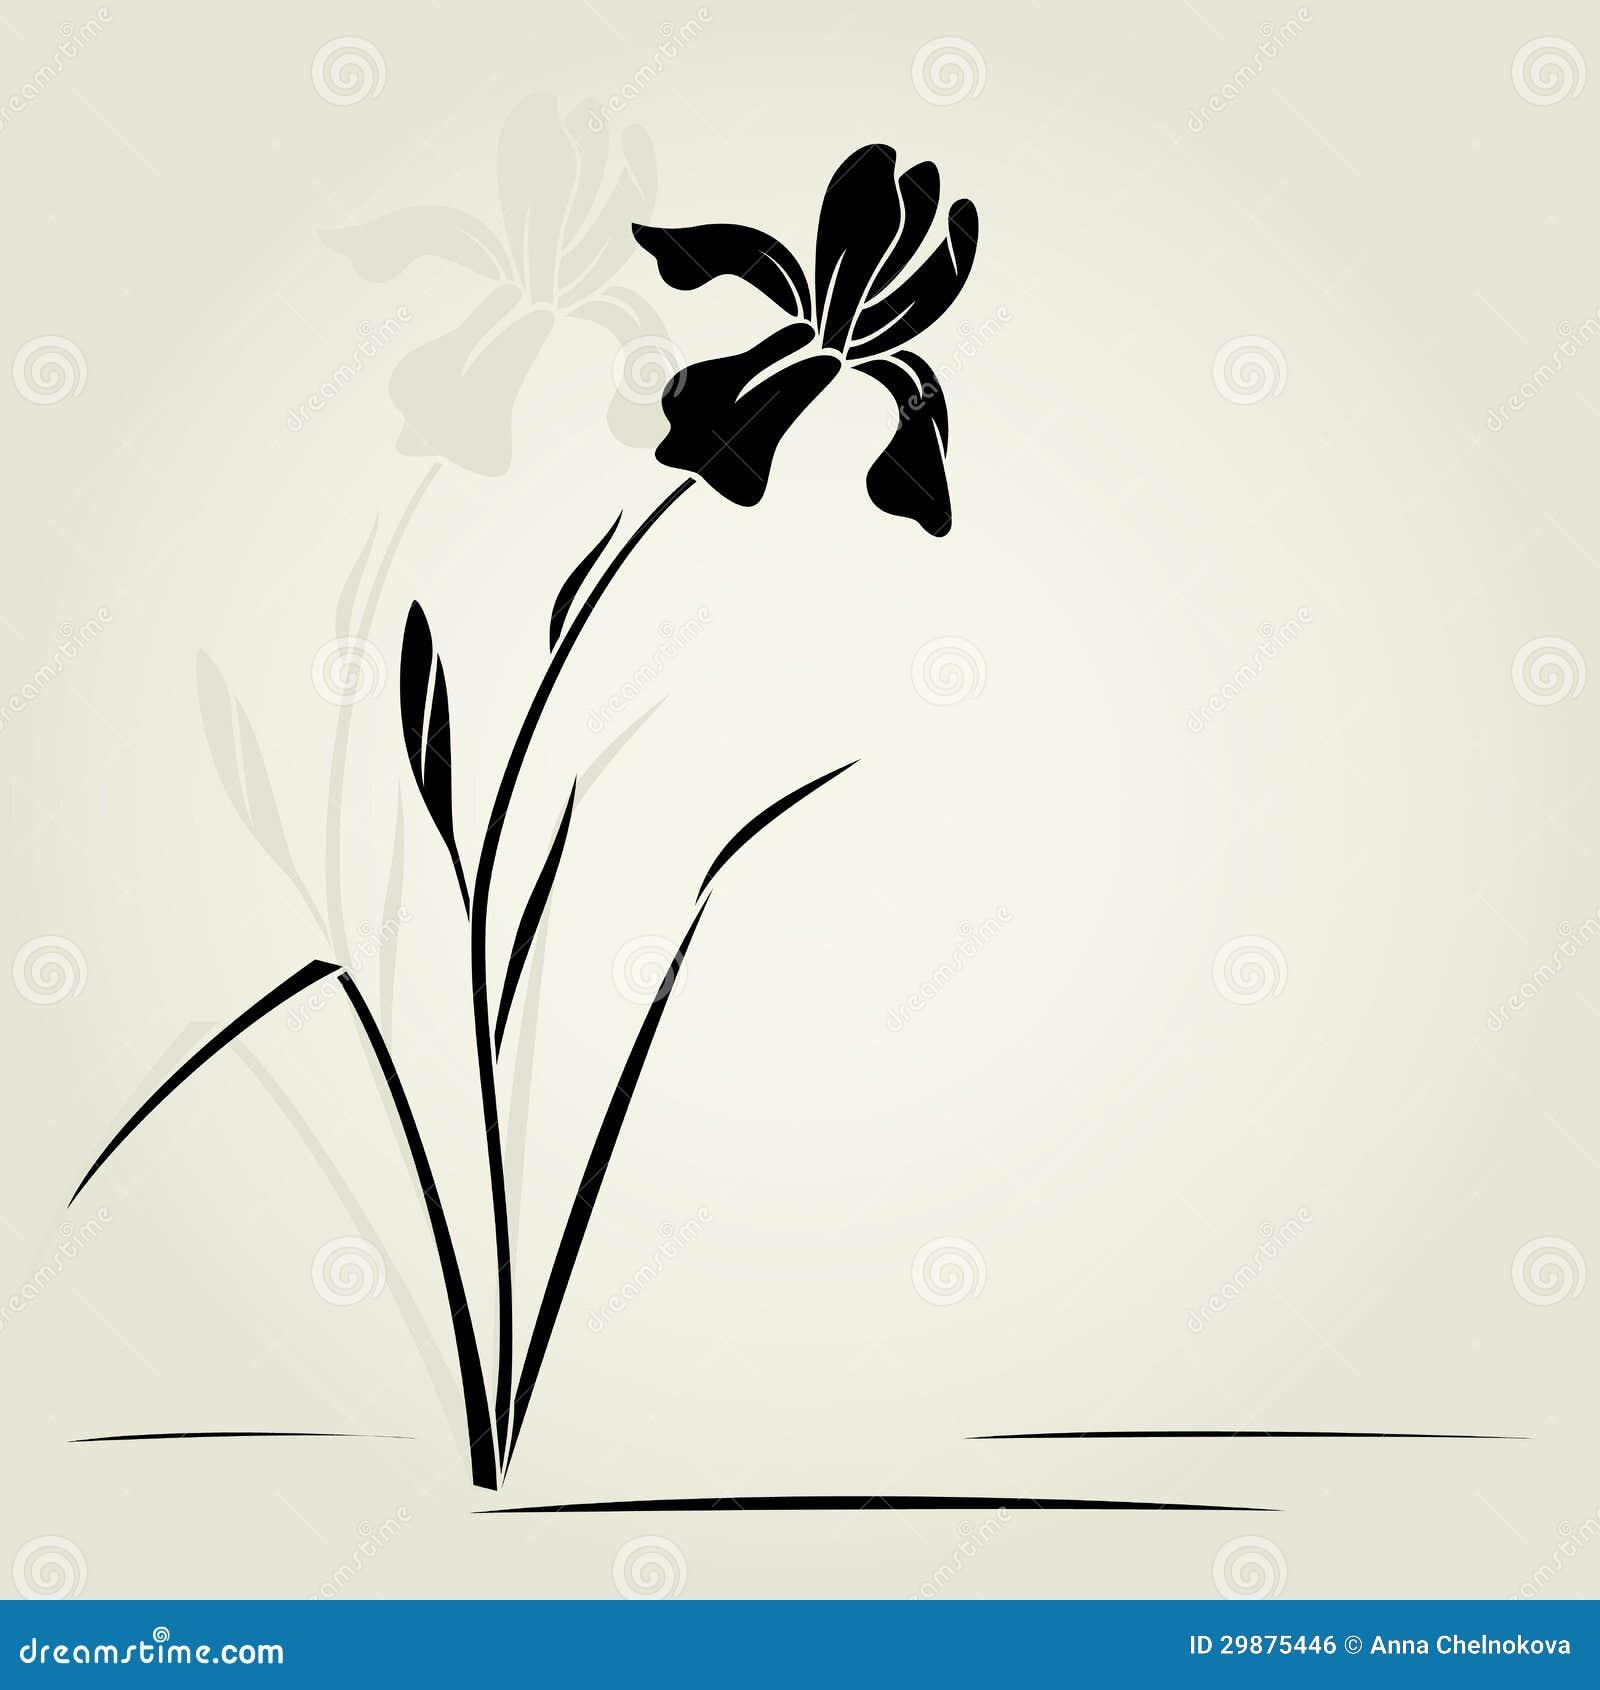 Vector iris flower stock vector illustration of nature 29875446 vector iris flower izmirmasajfo Images